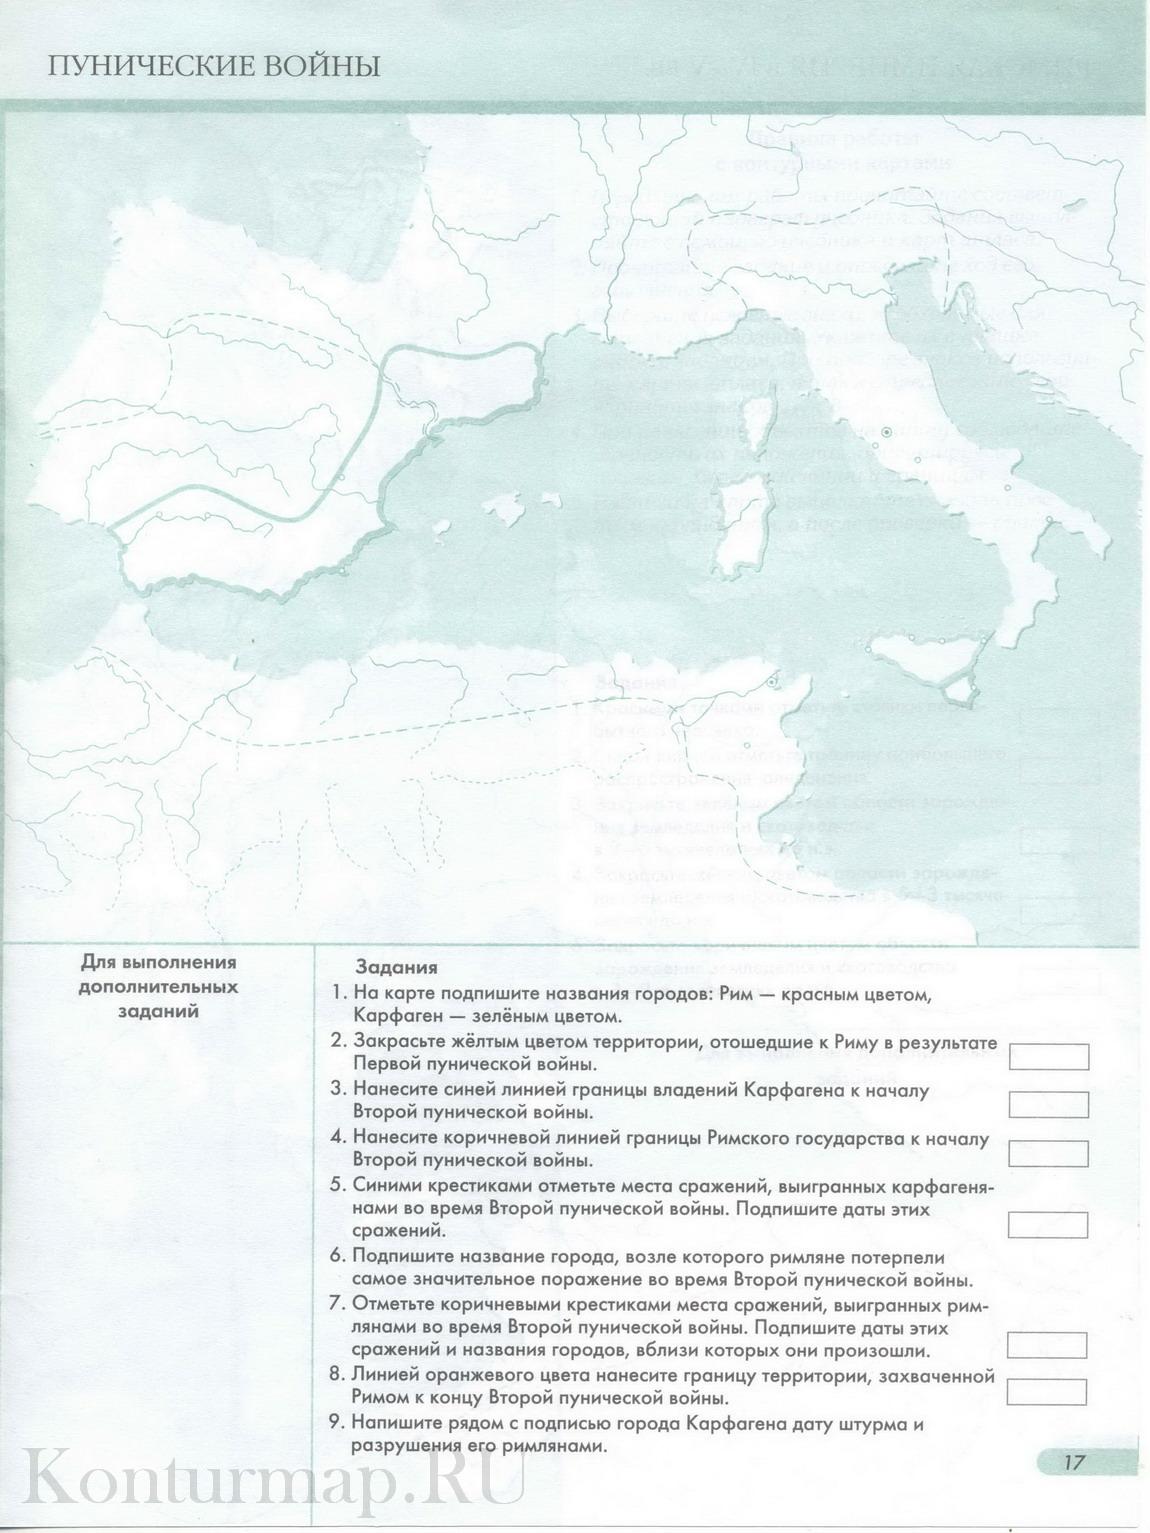 контурные карты история древнего мира 5 класс скачать